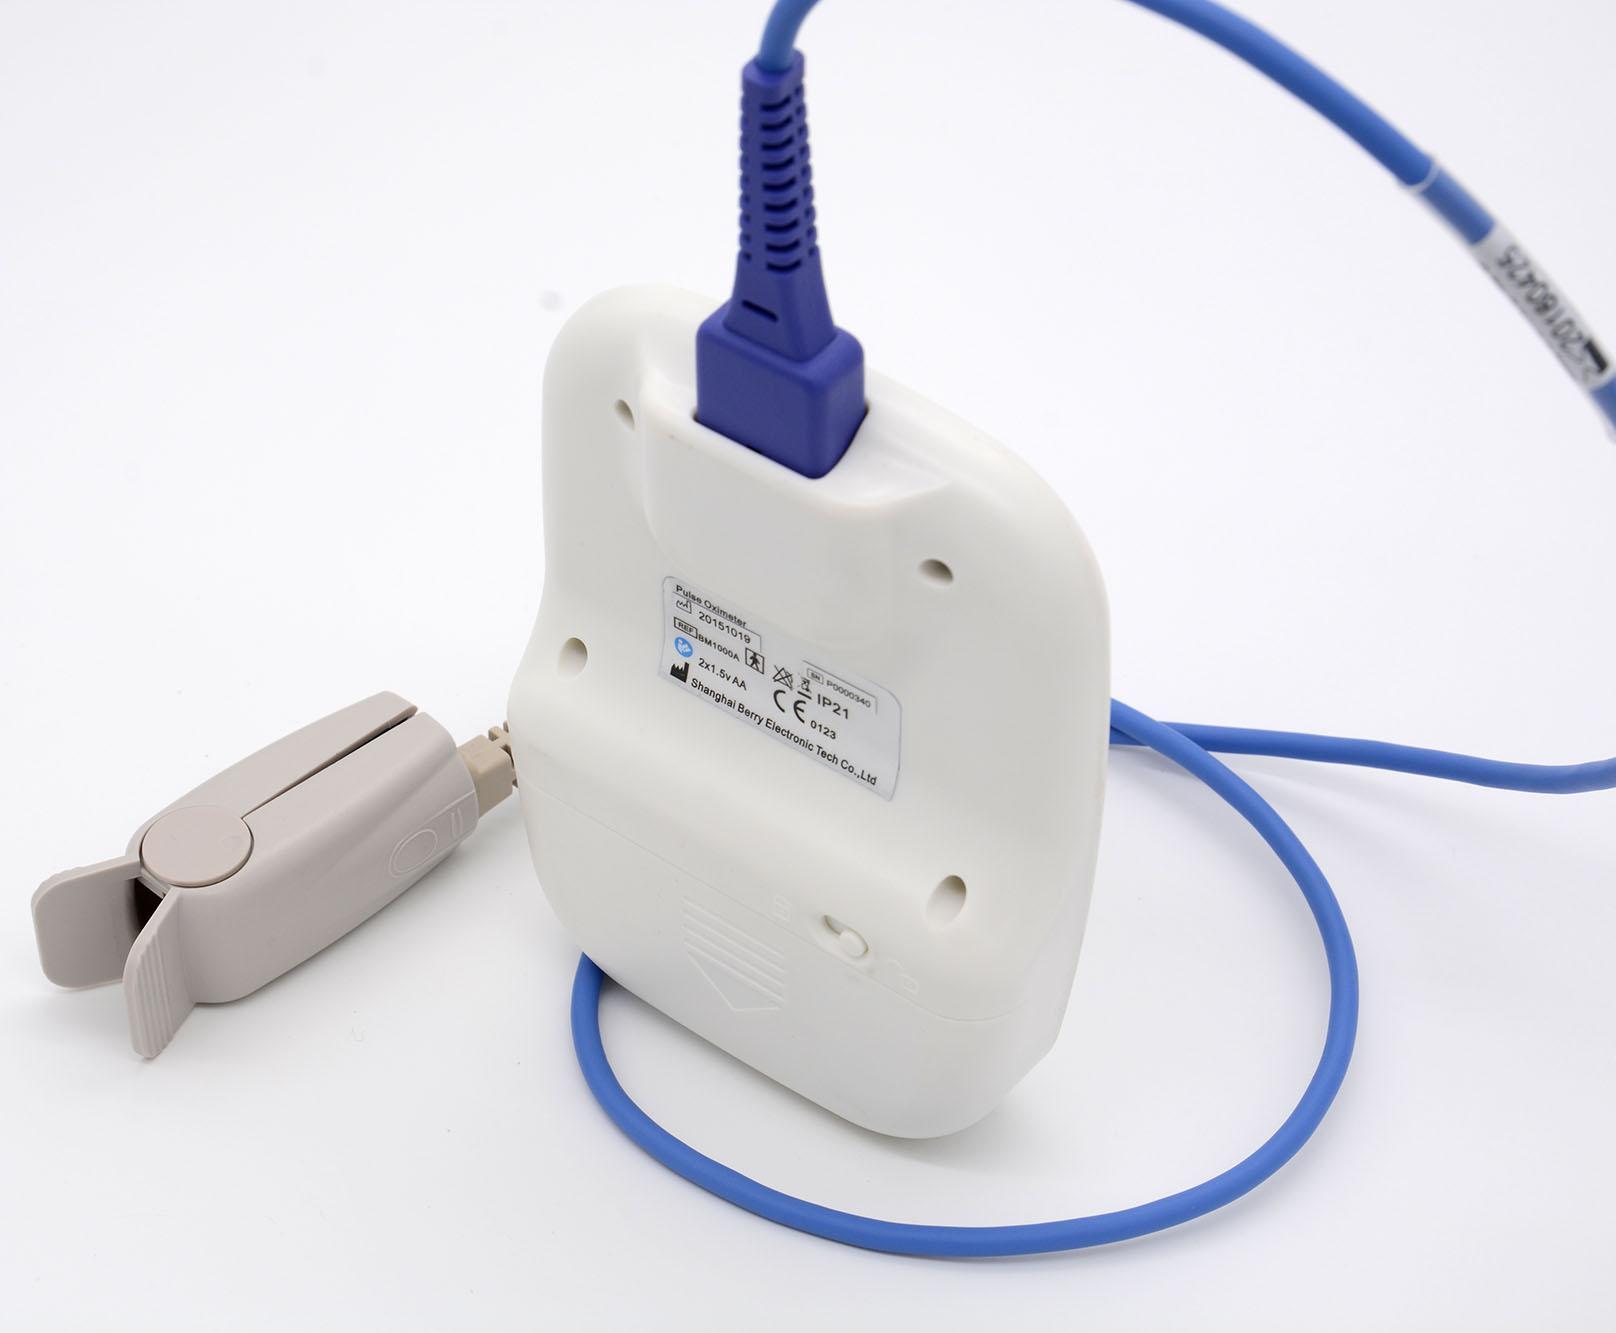 中國製造的便宜便攜式手持脈搏血氧儀 1